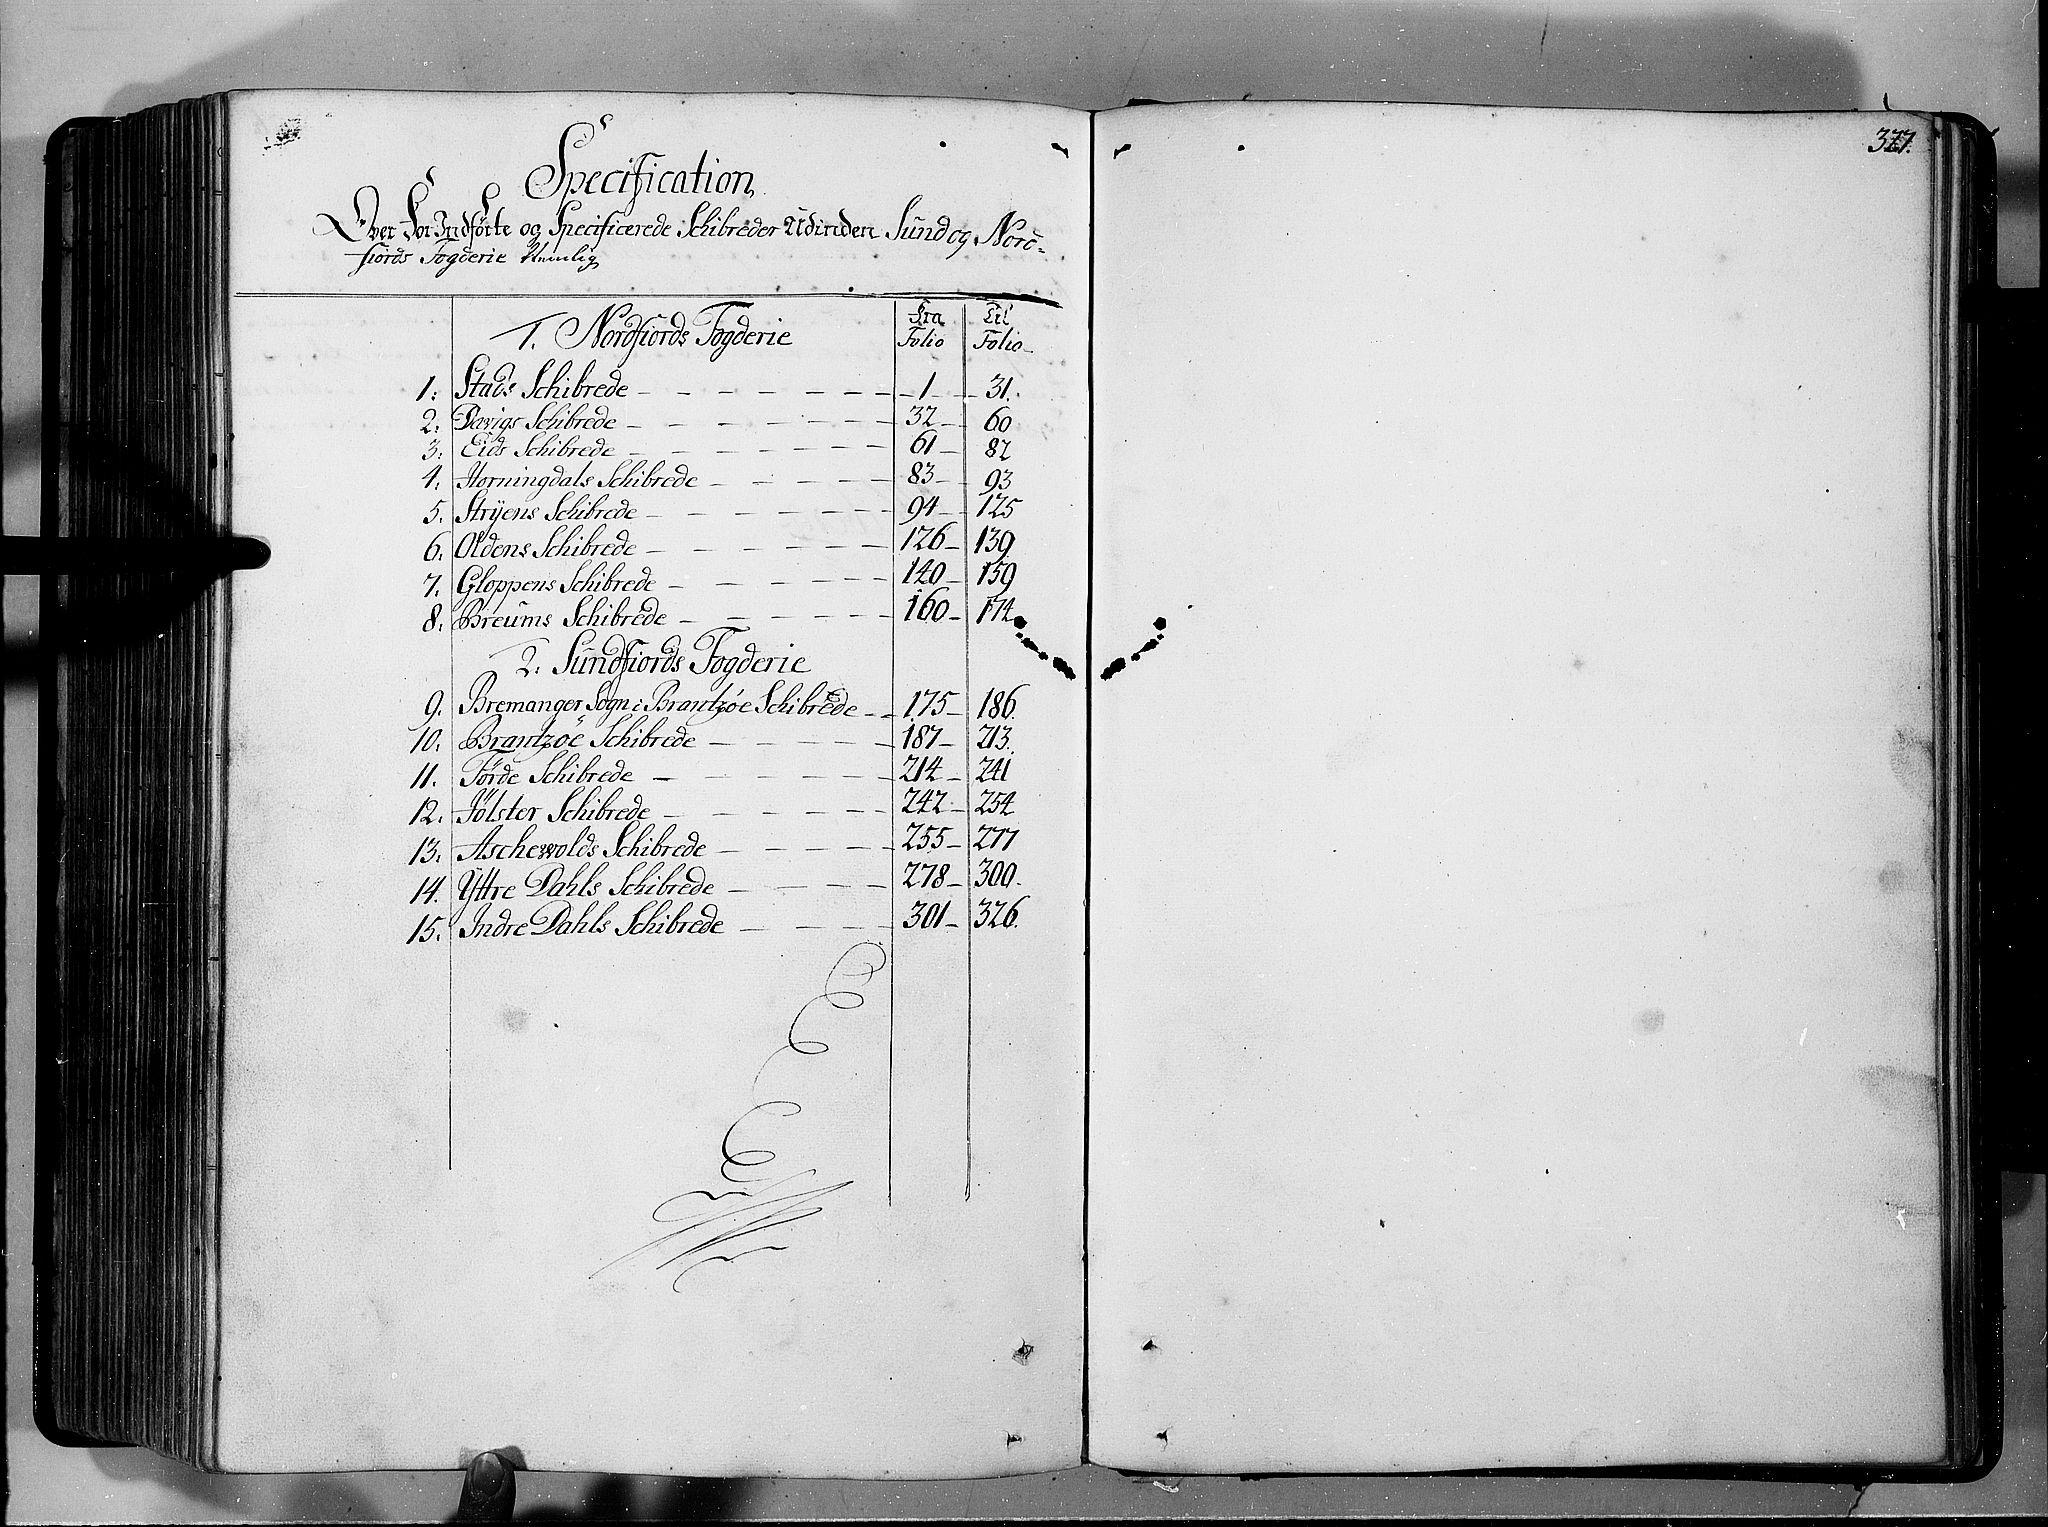 RA, Rentekammeret inntil 1814, Realistisk ordnet avdeling, N/Nb/Nbf/L0146: Sunnfjord og Nordfjord eksaminasjonsprotokoll, 1723, s. 326b-327a